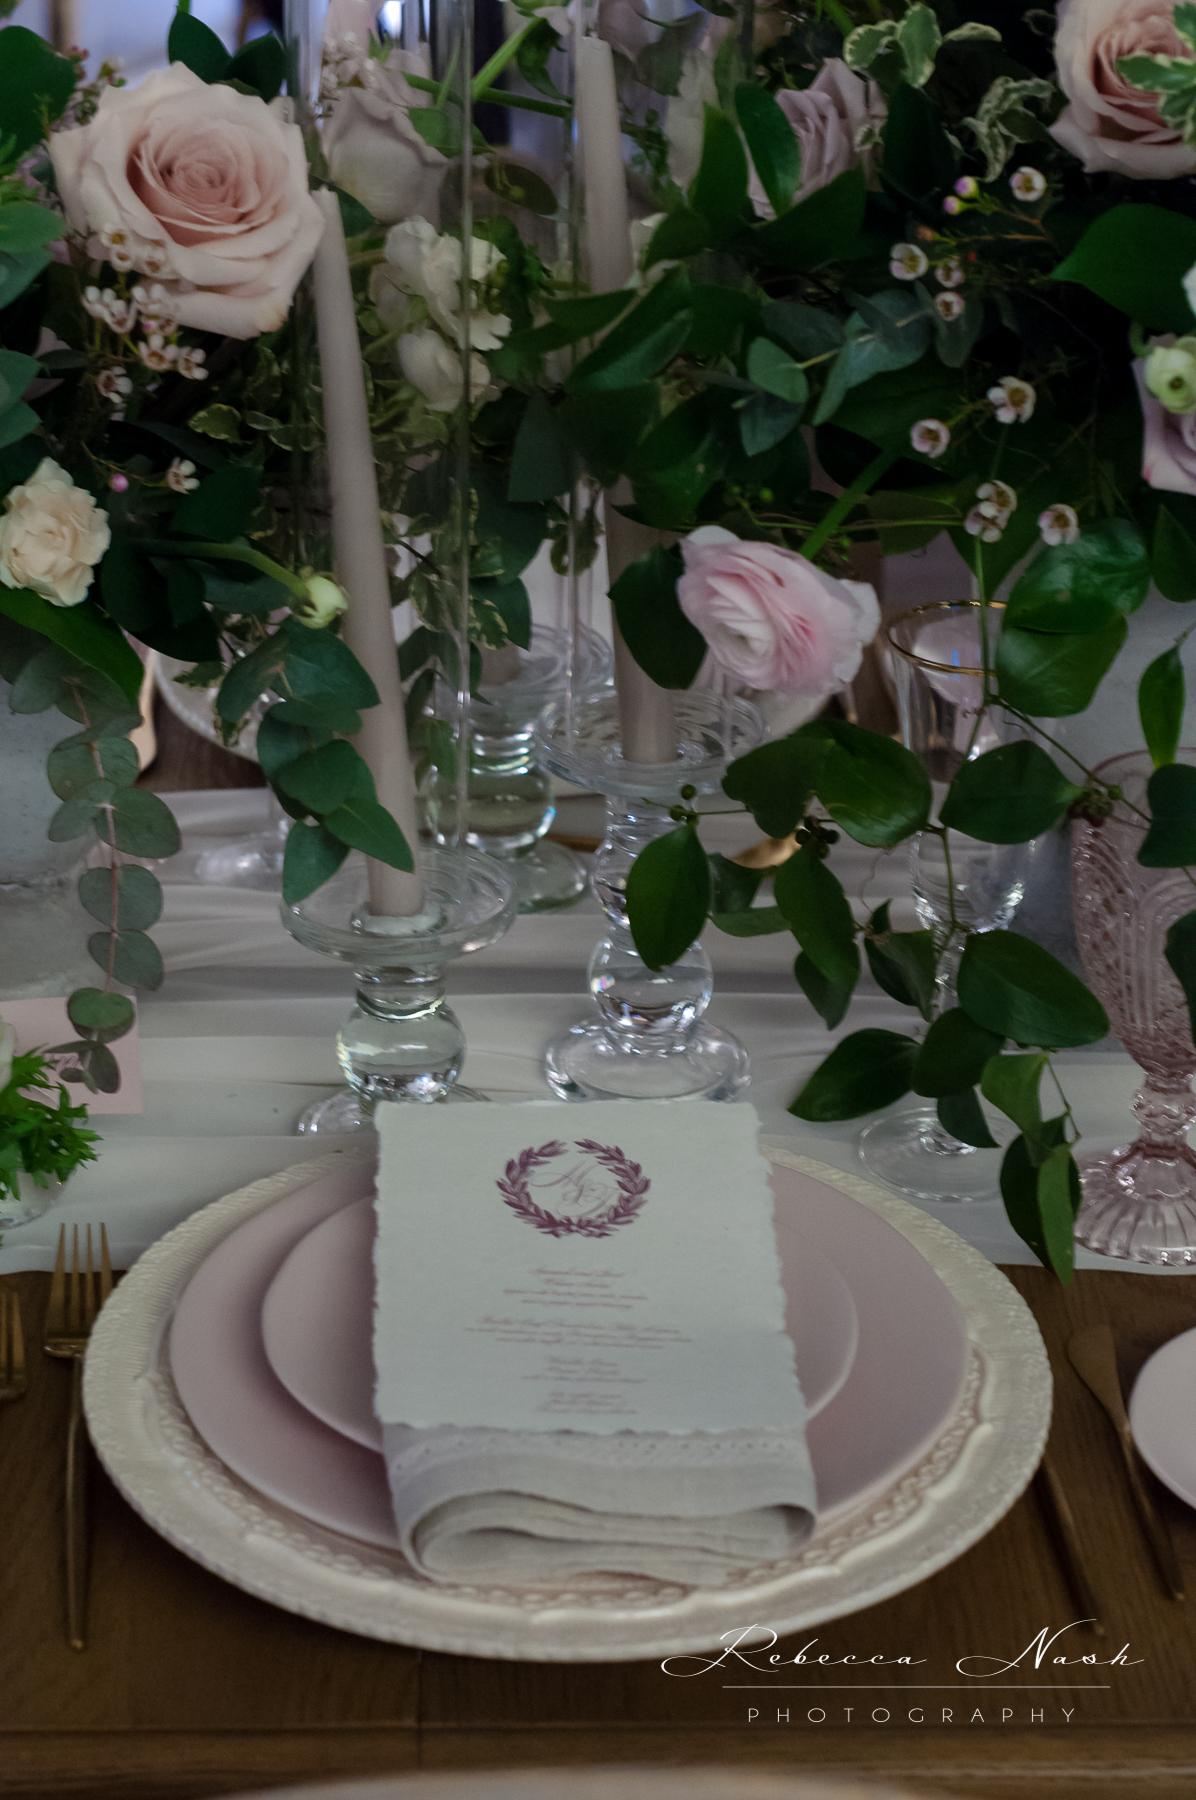 Wedluxe Industry Night - London Wedding Photographer  Rebecca Nash Photography (7 of 79).jpg